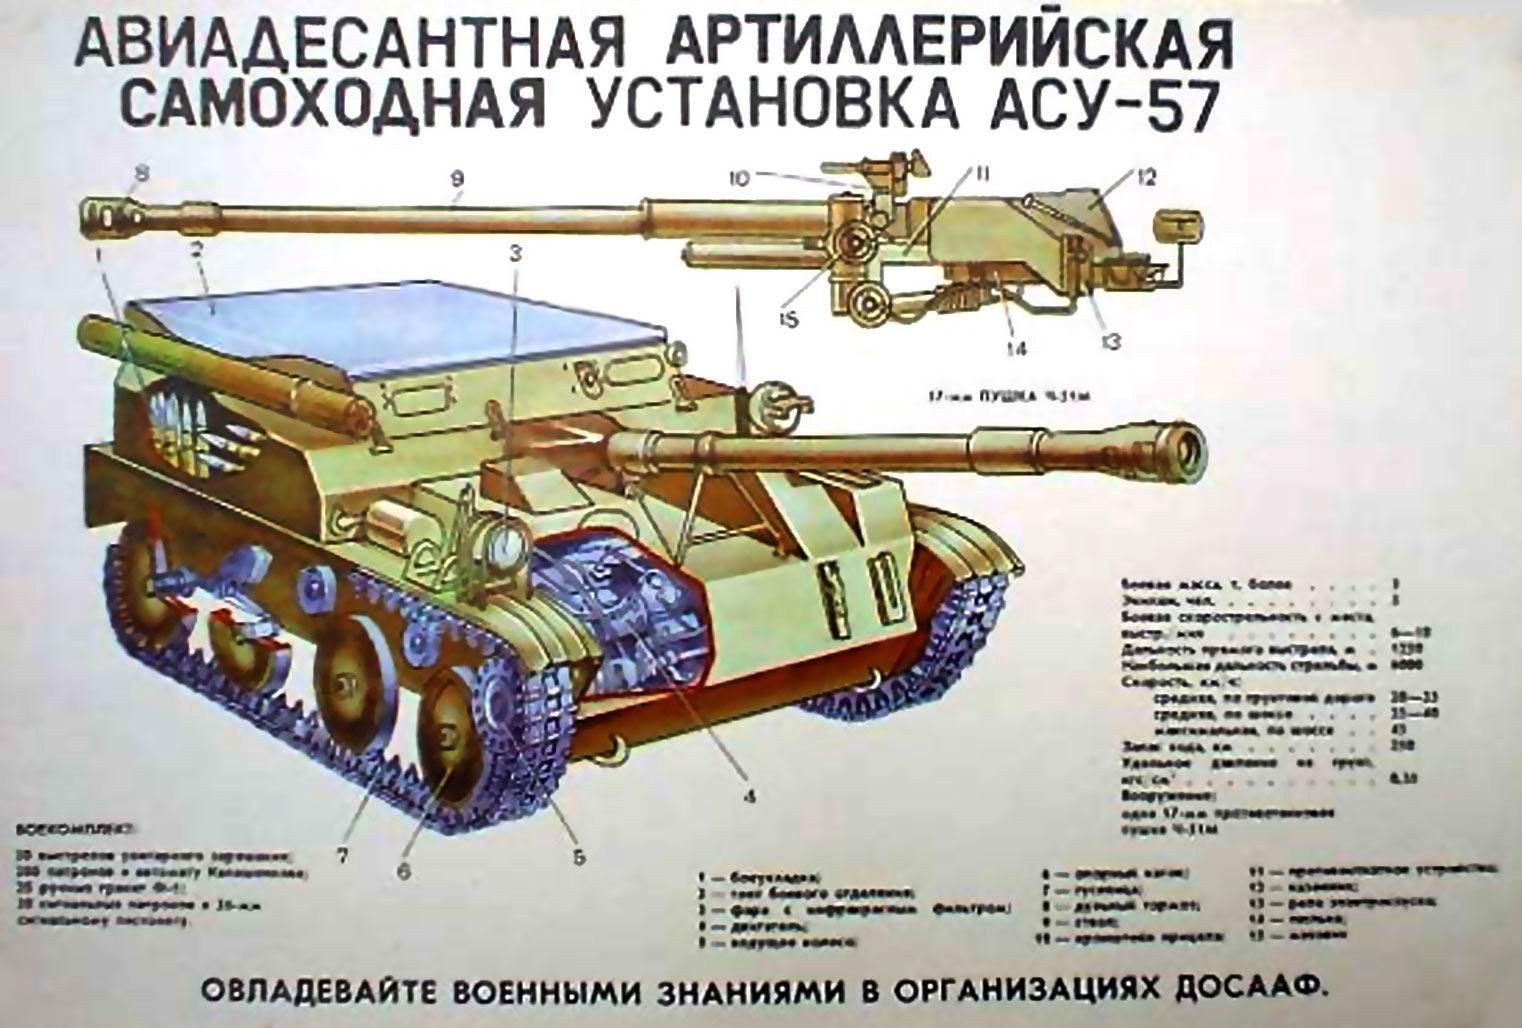 АСУ-57 (1950 - 62 г.г.) — лёгкая противотанковая авиадесантная самоходная артиллерийская установка (СССР)